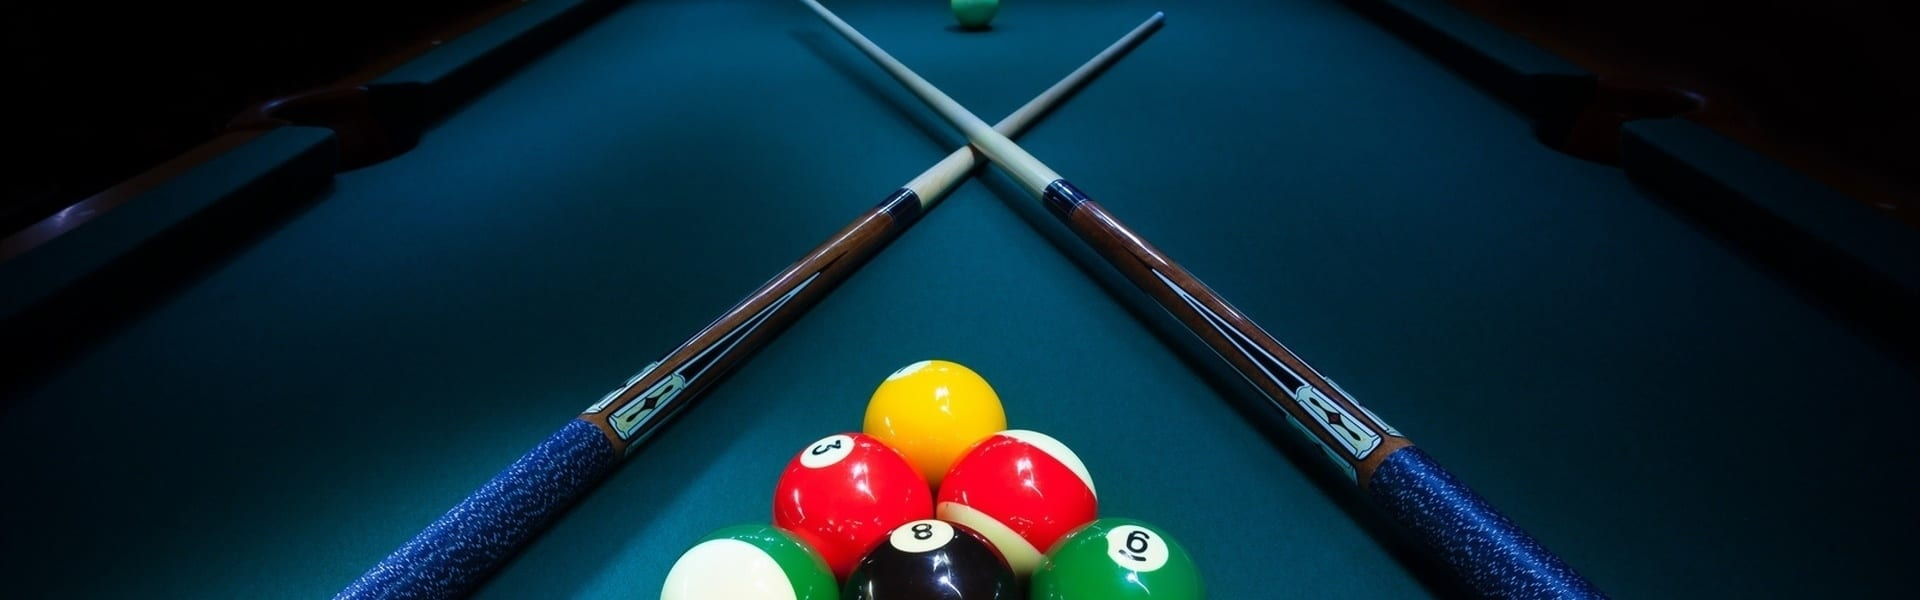 Best Pool Cues Under $100 Reviewed in Detail